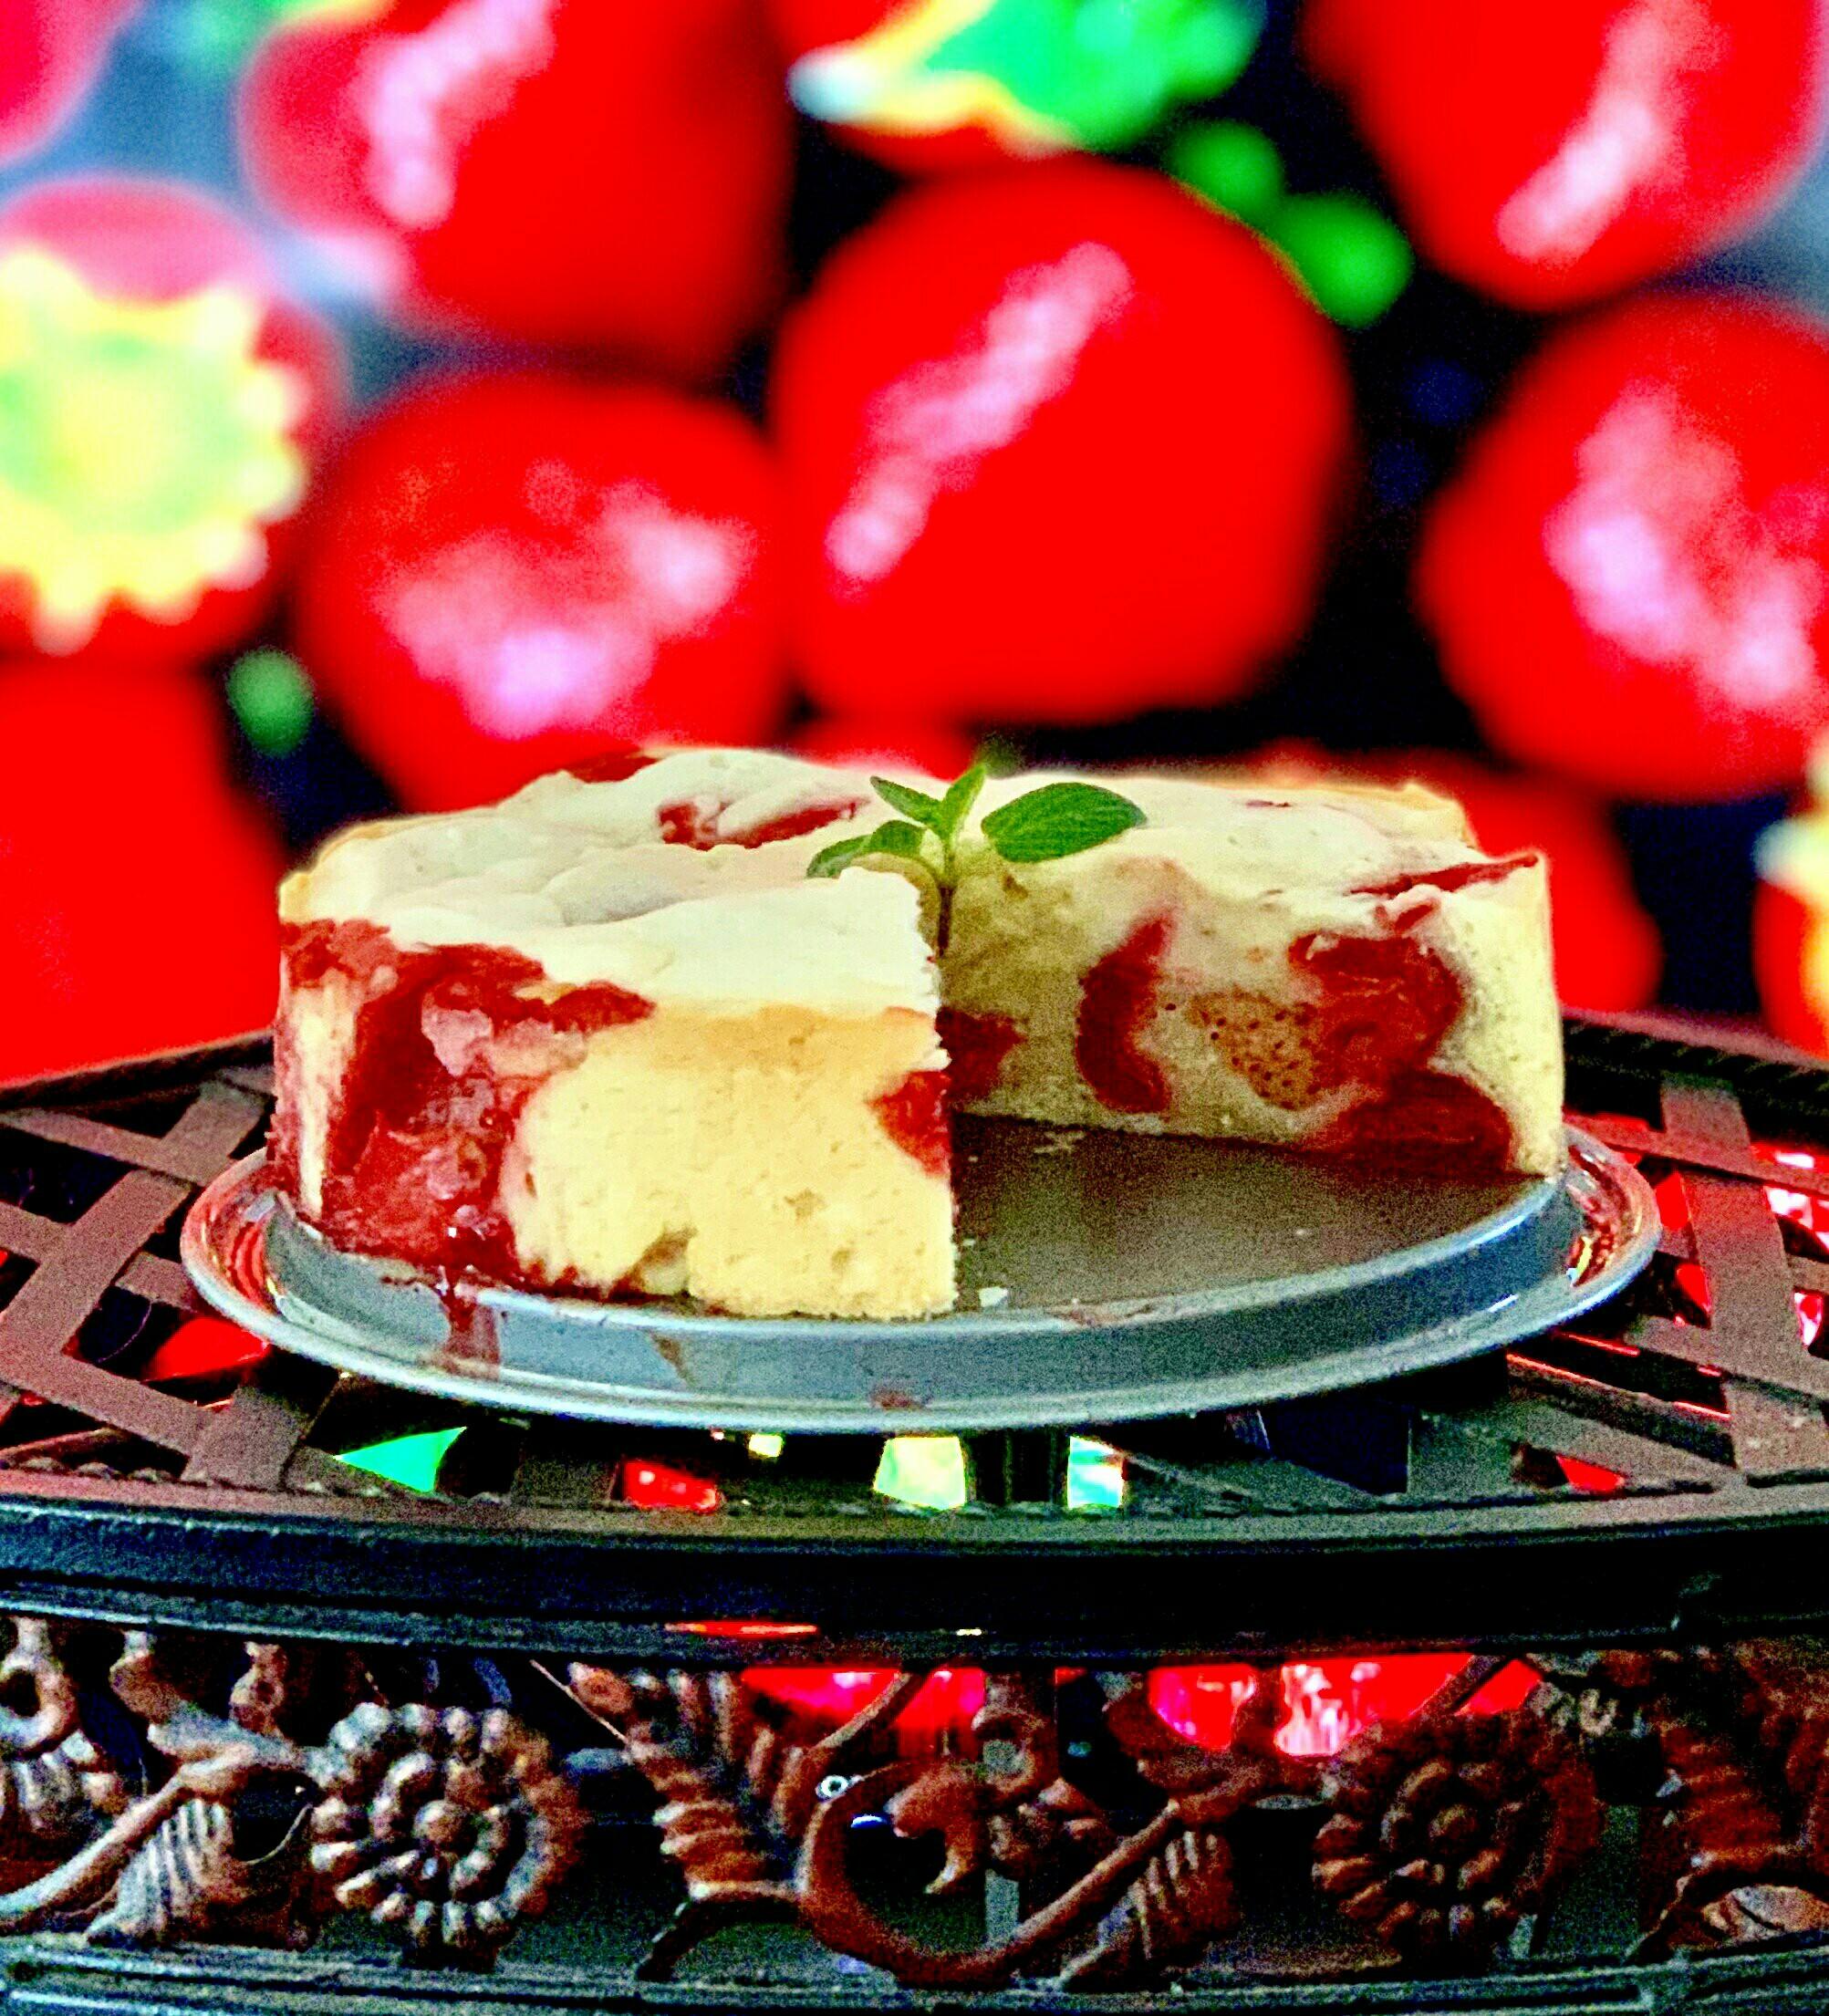 French Strawberry Cake Yoly